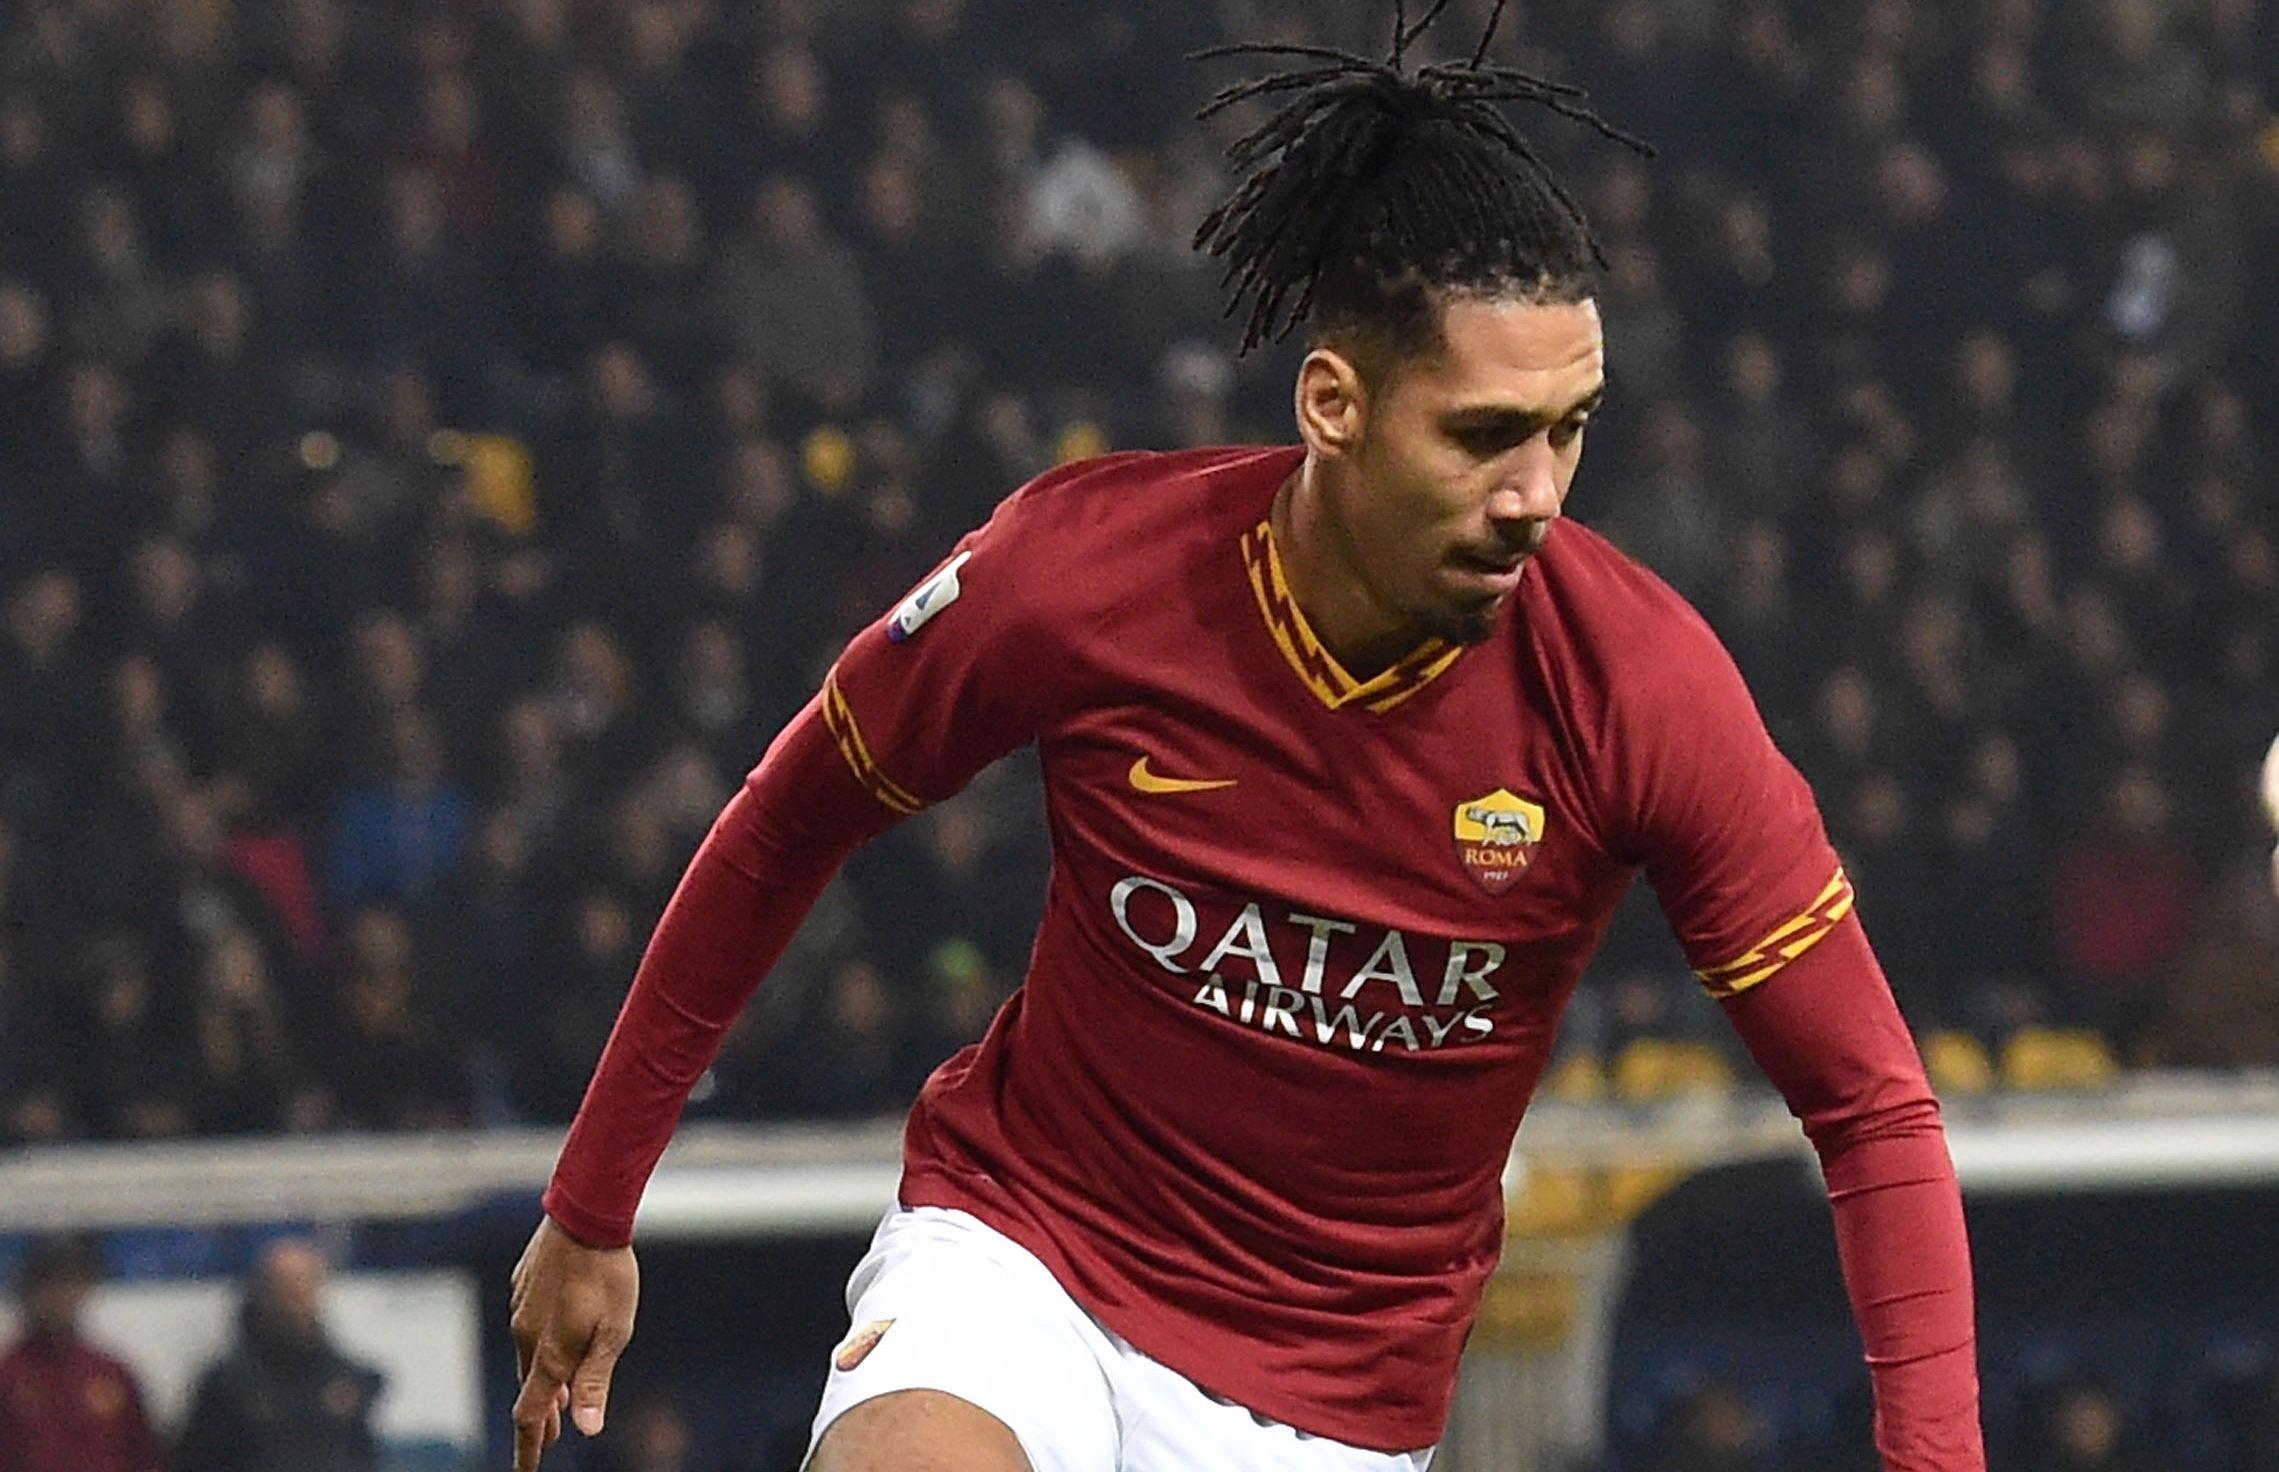 Преговорите между Рома и Манчестър Юнайтед за трансфера на Крис